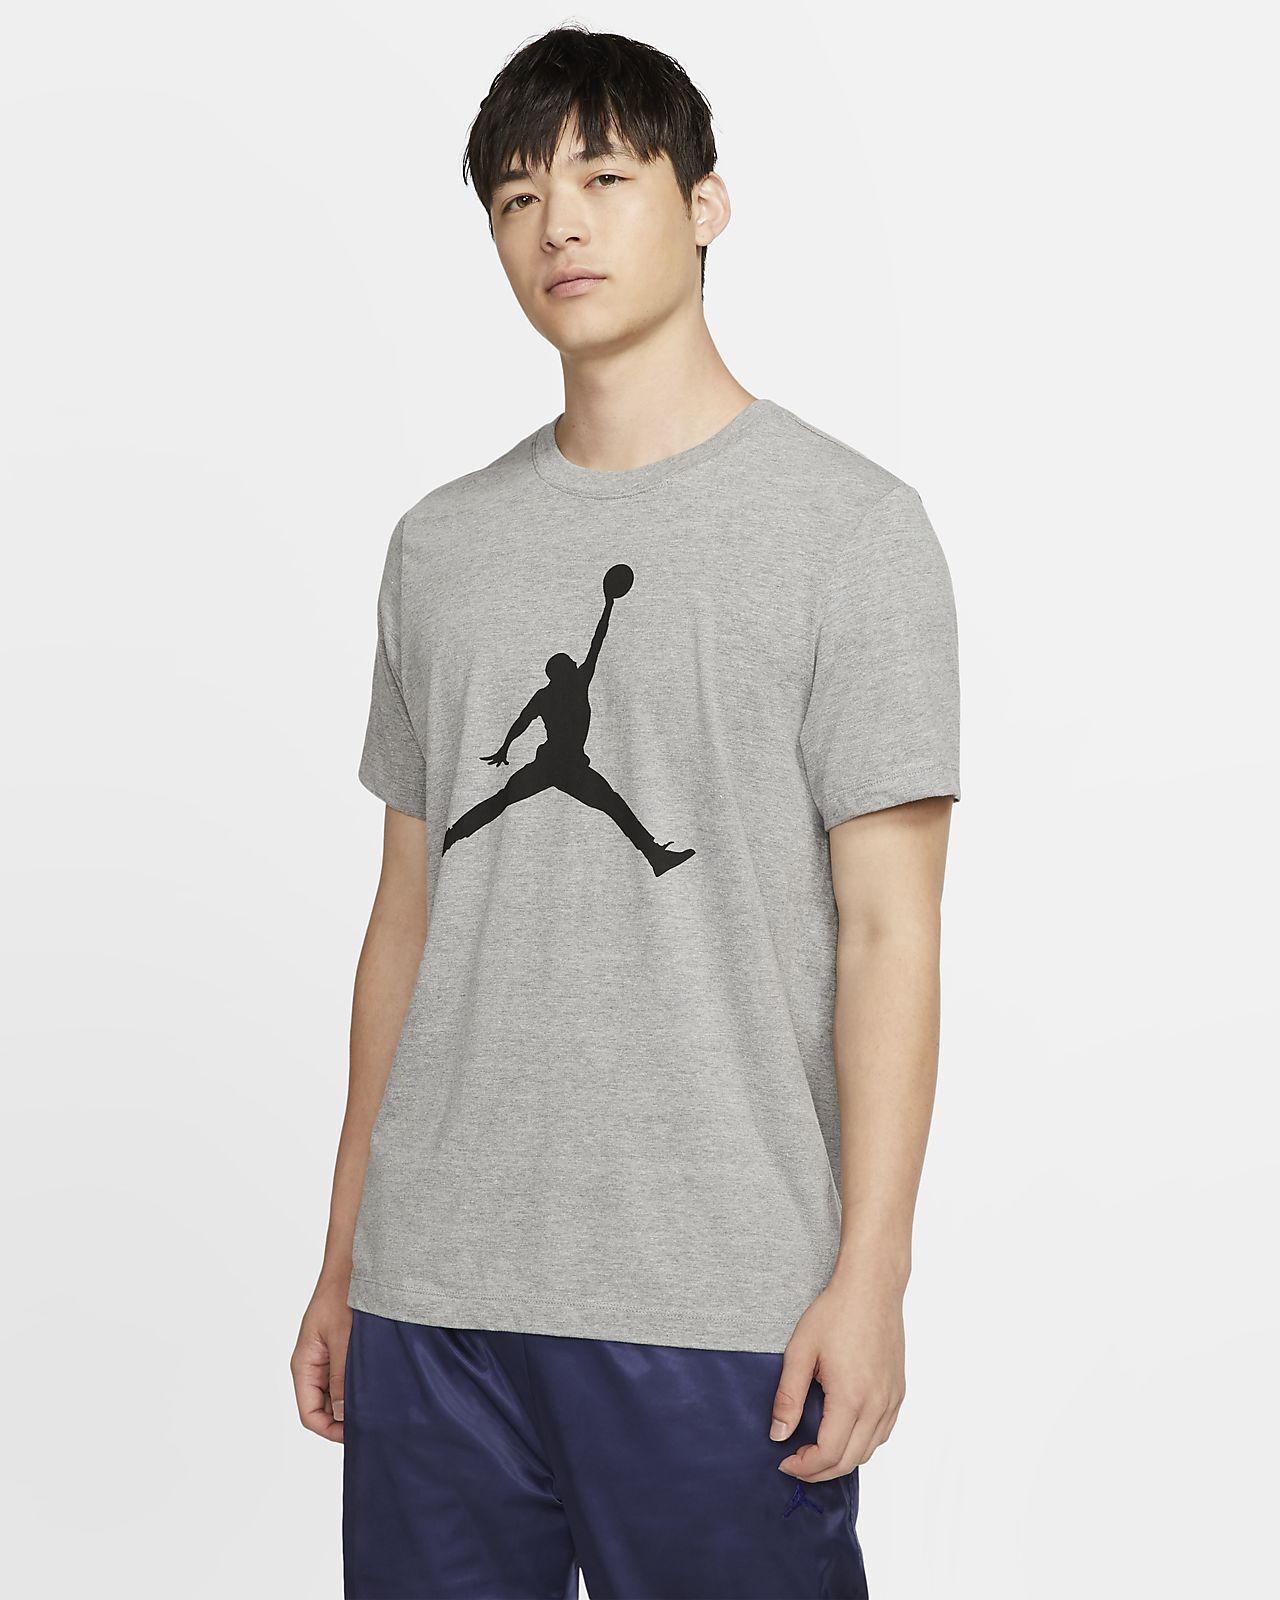 เสื้อยืดผู้ชาย Jordan Jumpman